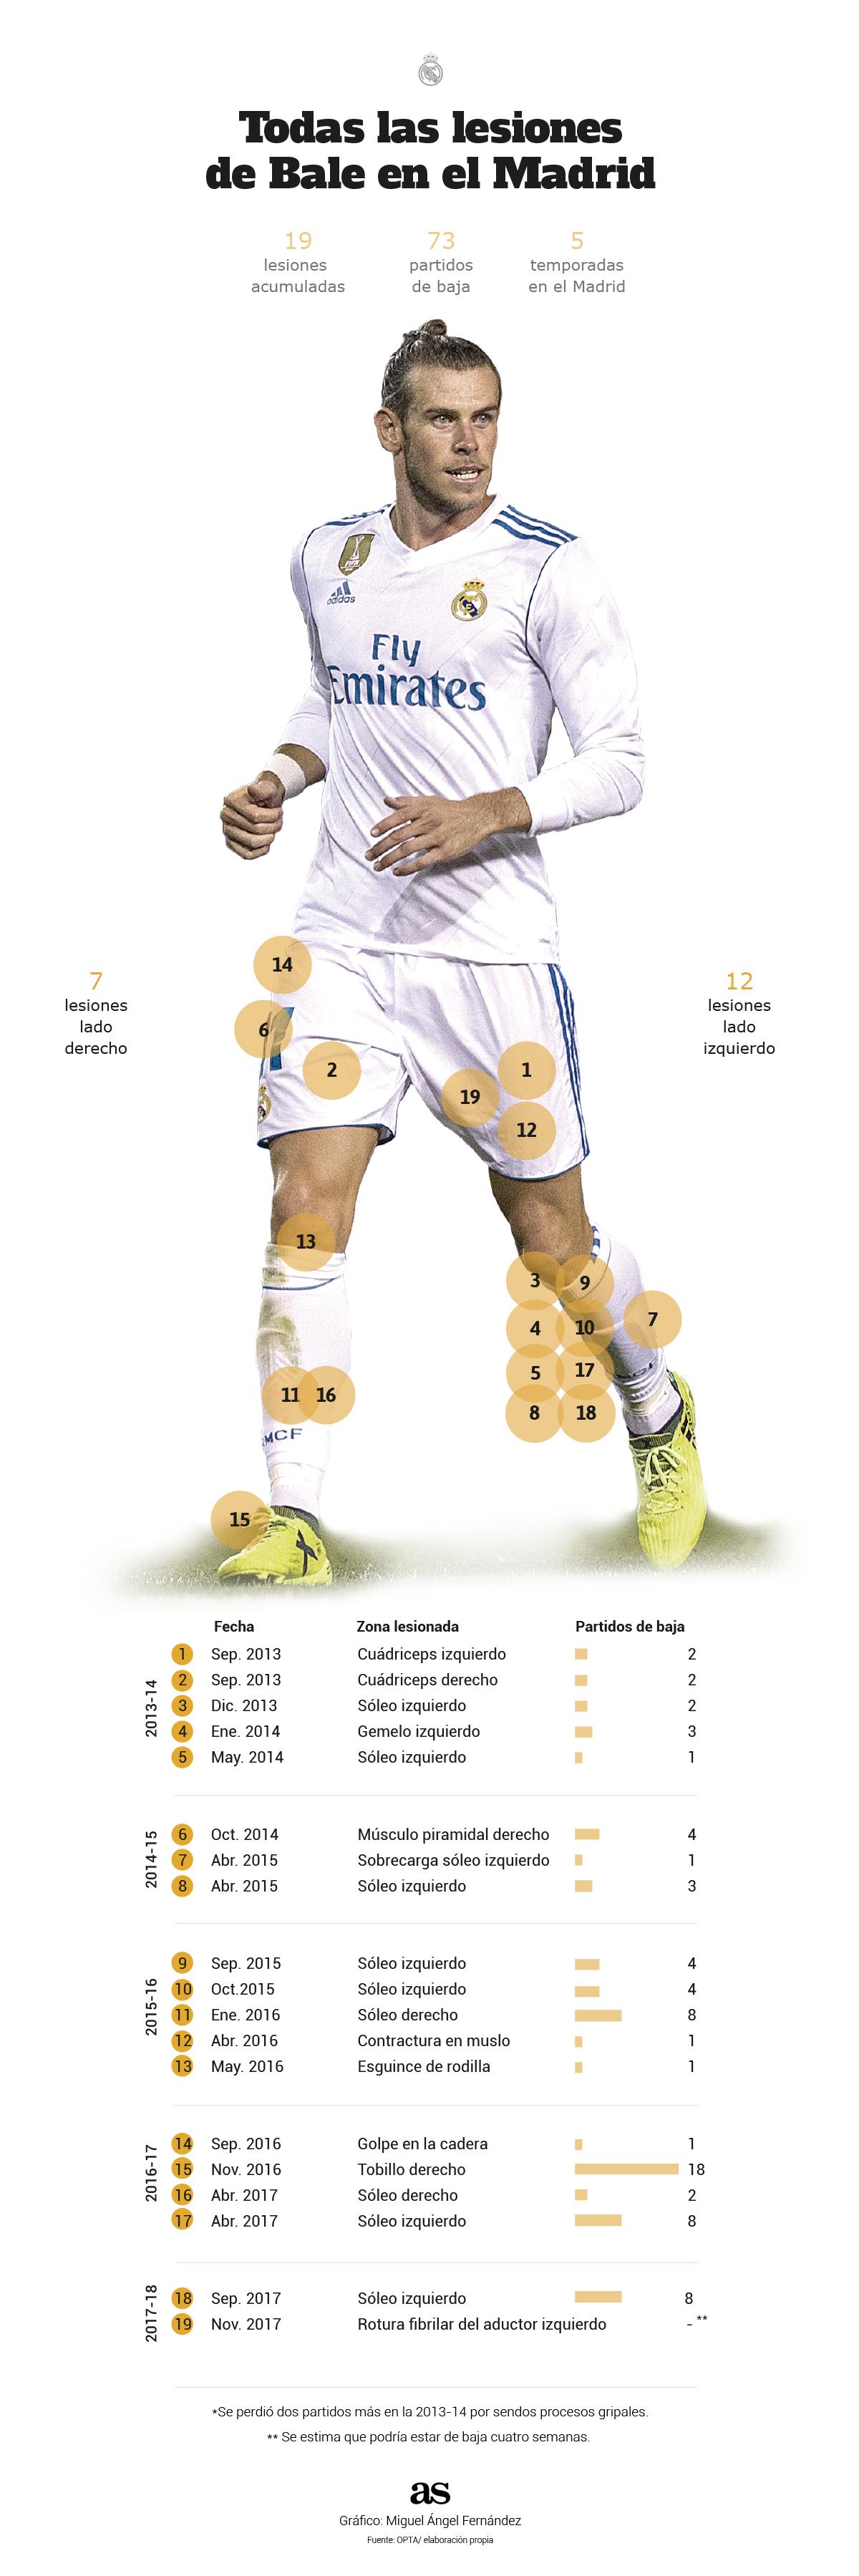 Las 19 lesiones y los 73 partidos de baja de Bale en el Madrid